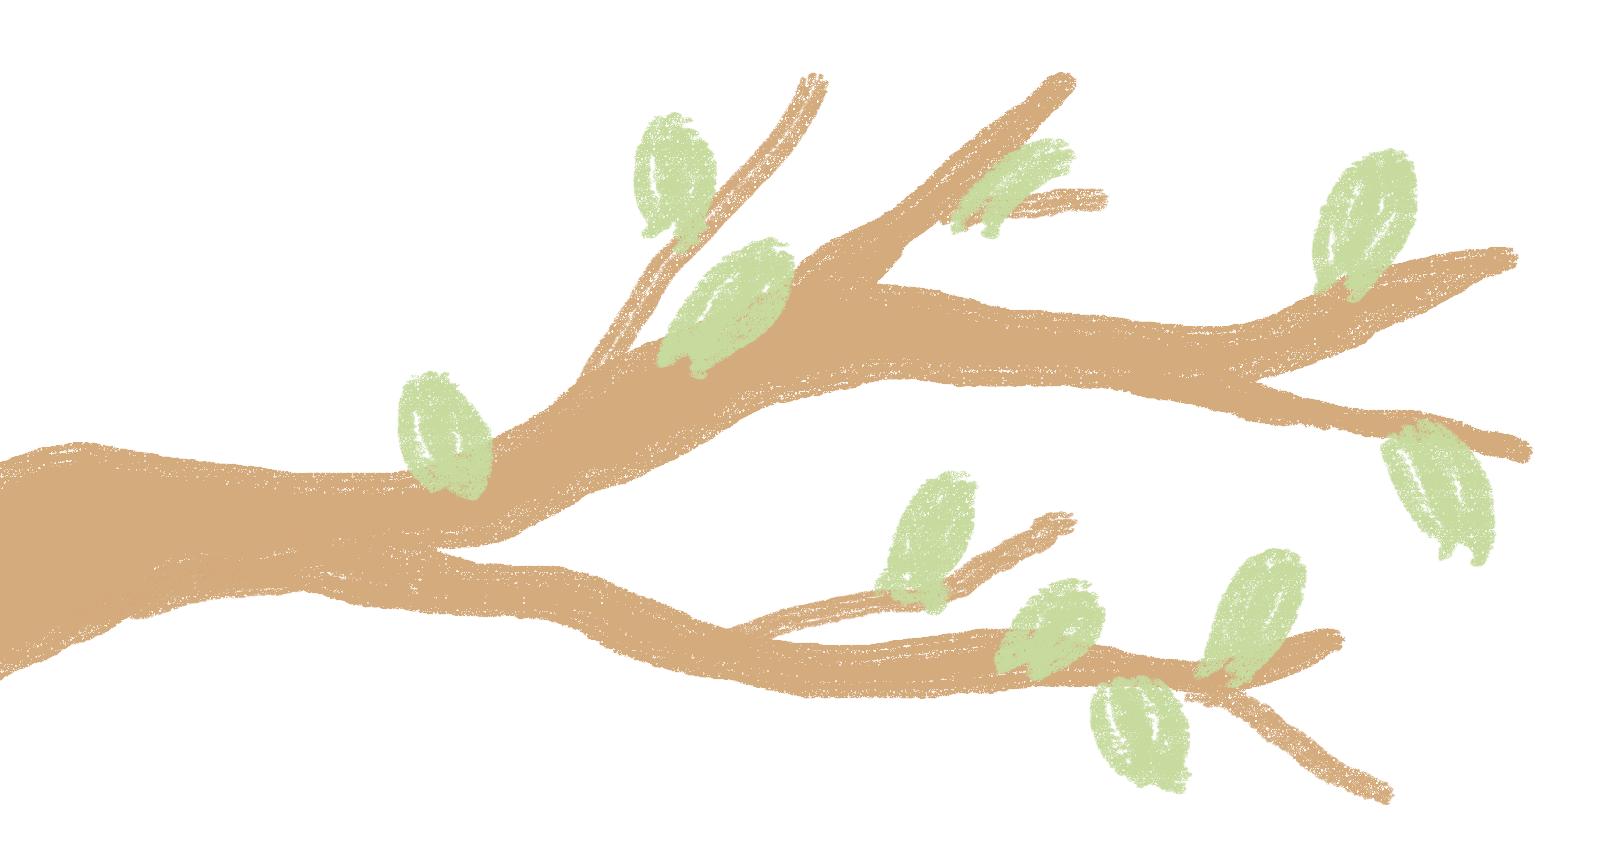 Tree branch illustration